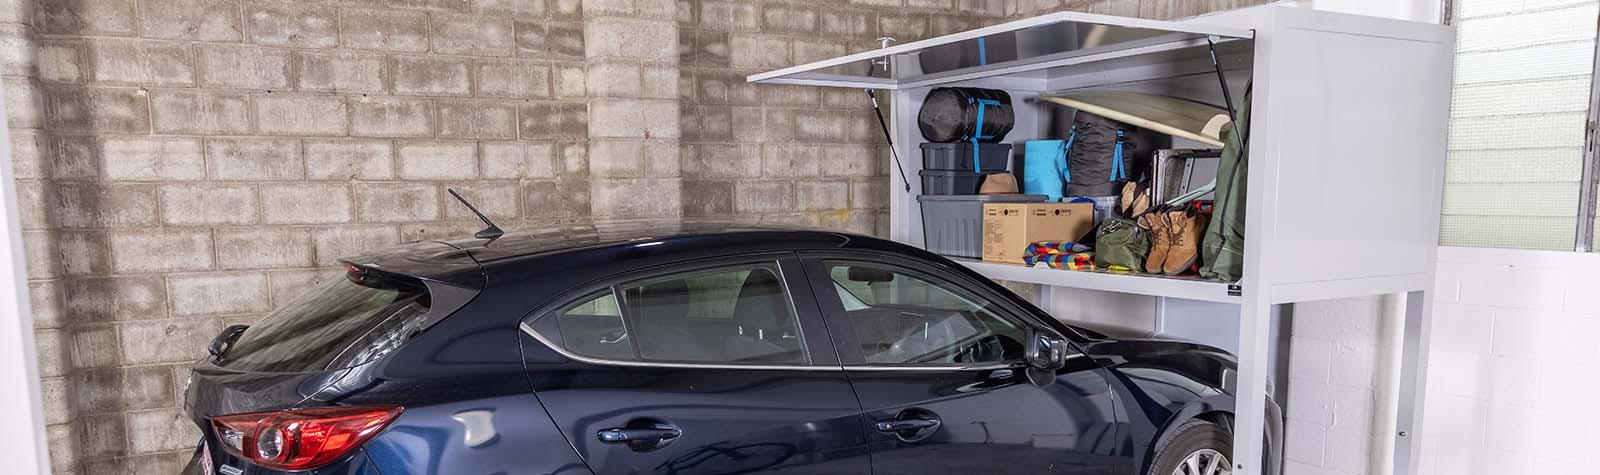 Garagesafe Maximum Space